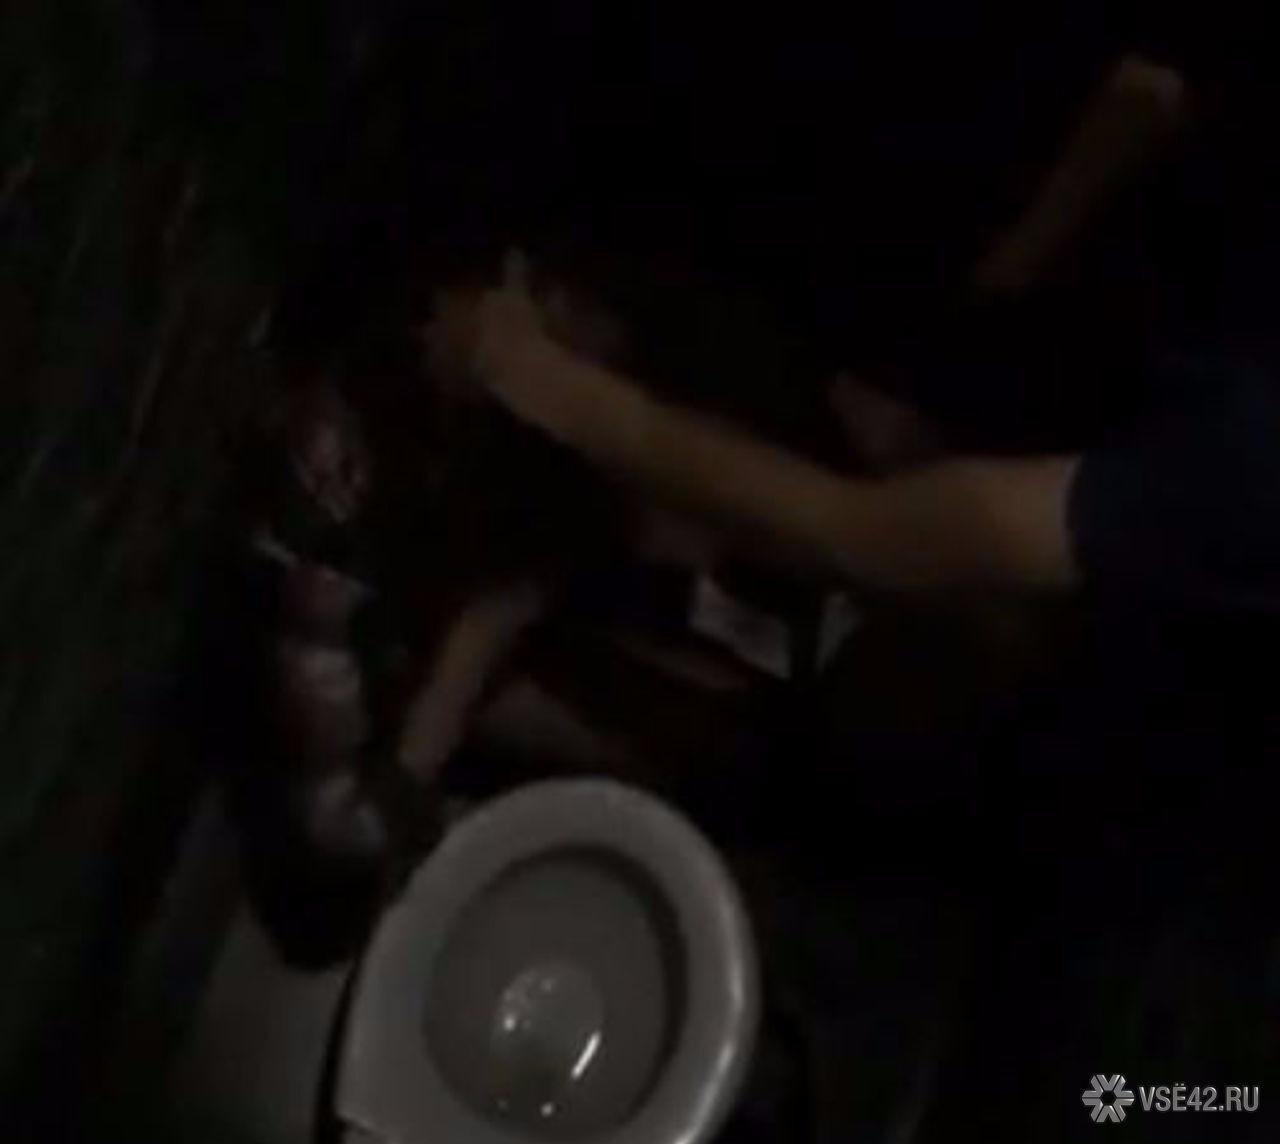 Пьяная девка в туалете ночного клуба 4 фотография